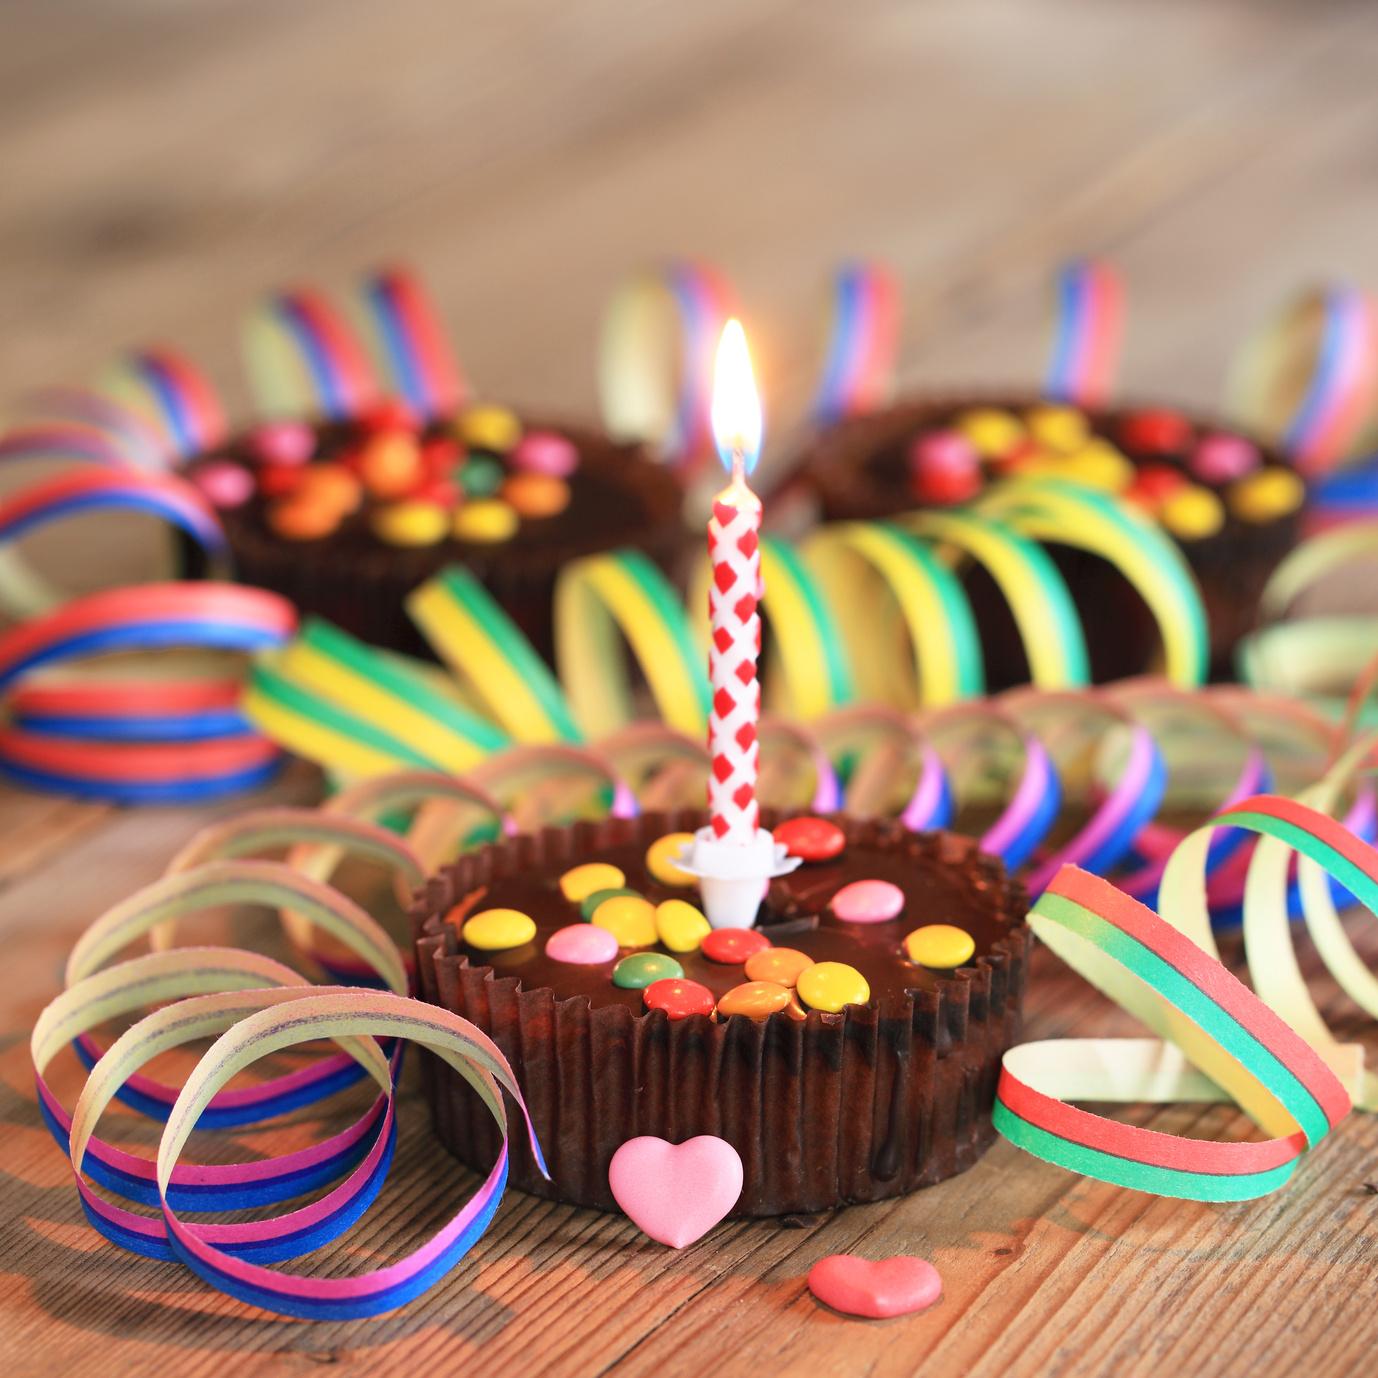 Mardi Gras : si Carnaval m'était conté et les beignets bientôt mangés